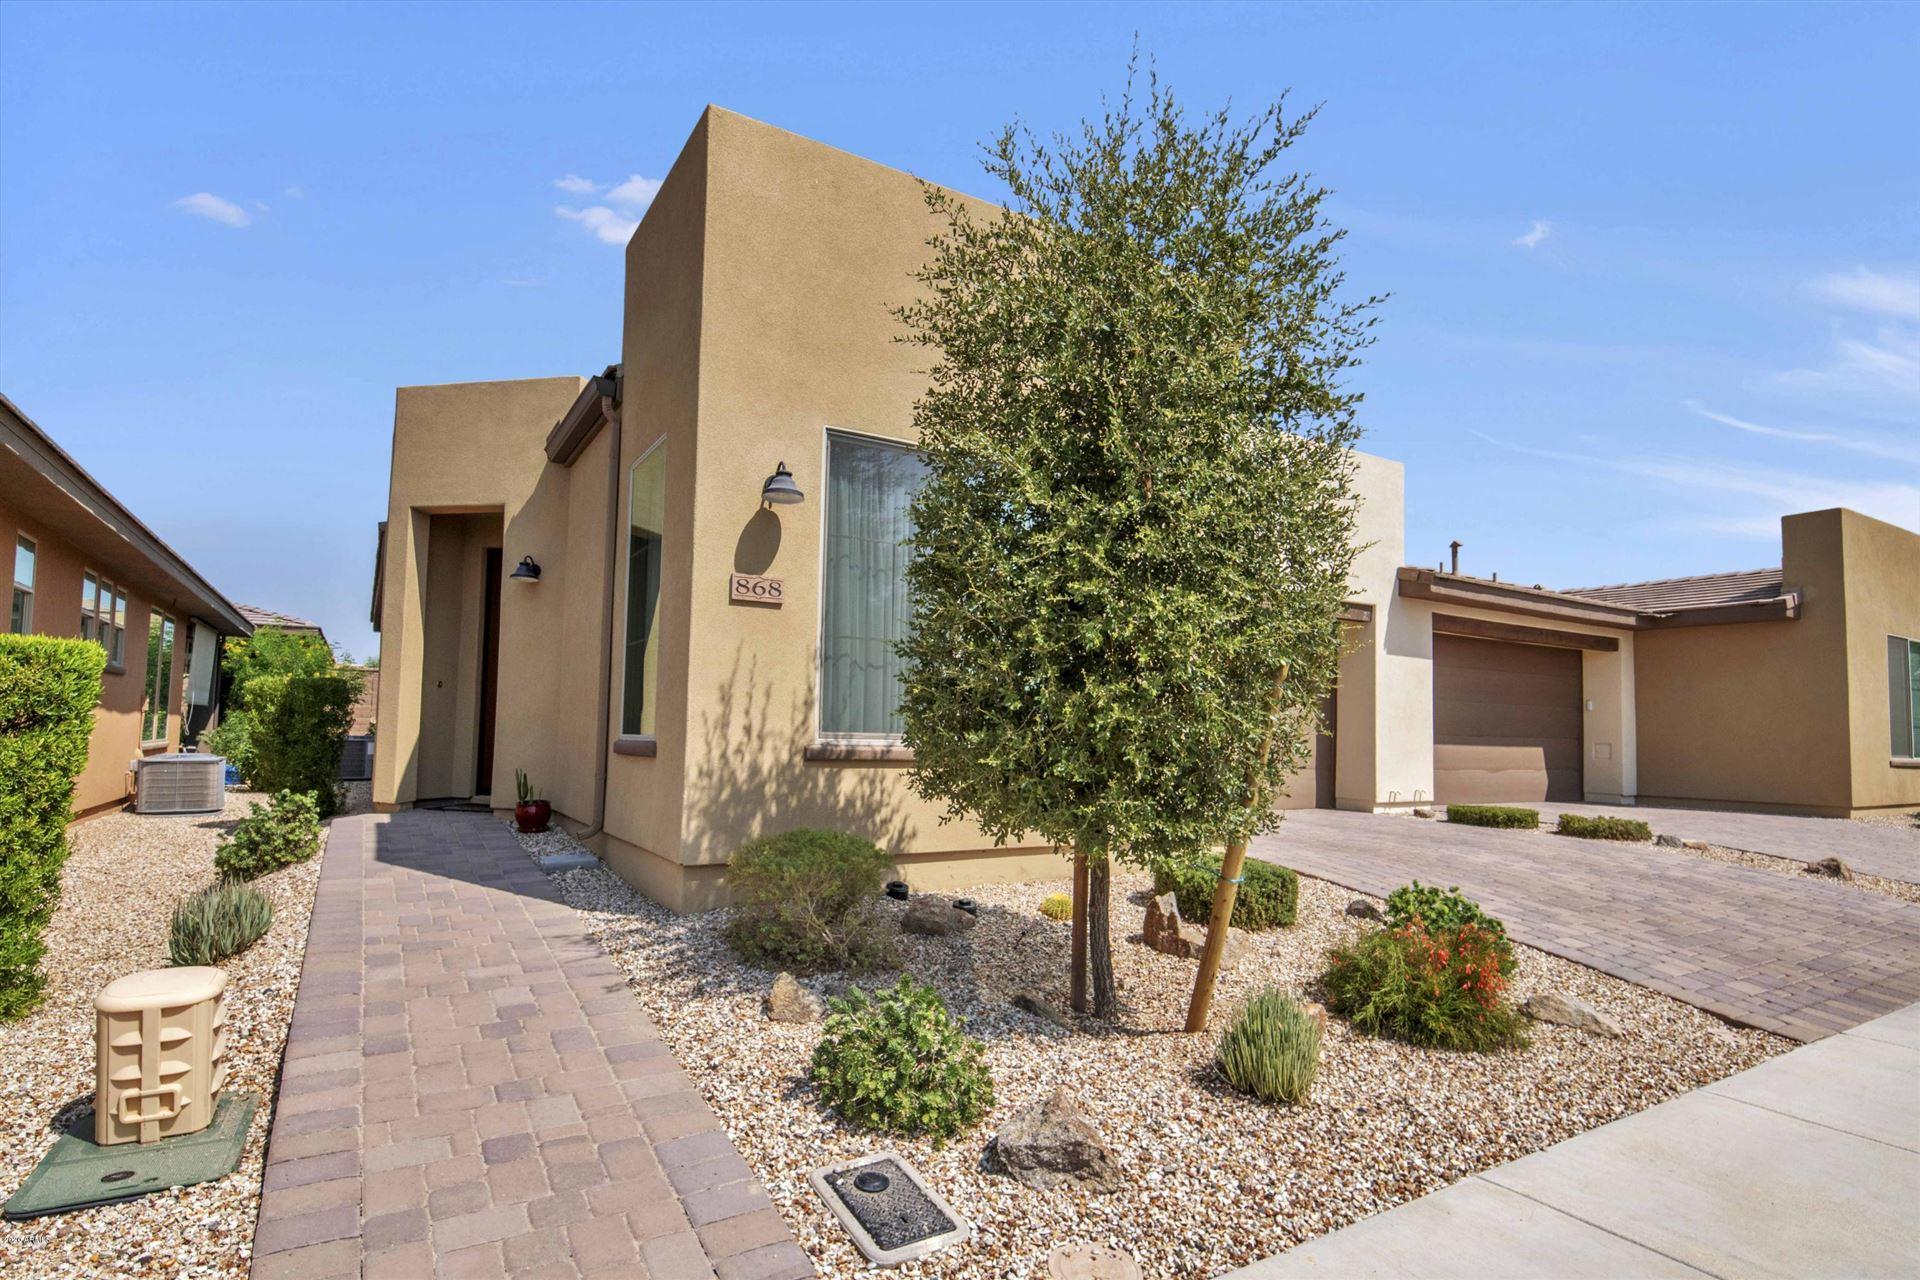 868 E COBBLE STONE Drive, San Tan Valley, AZ 85140 - MLS#: 6132466